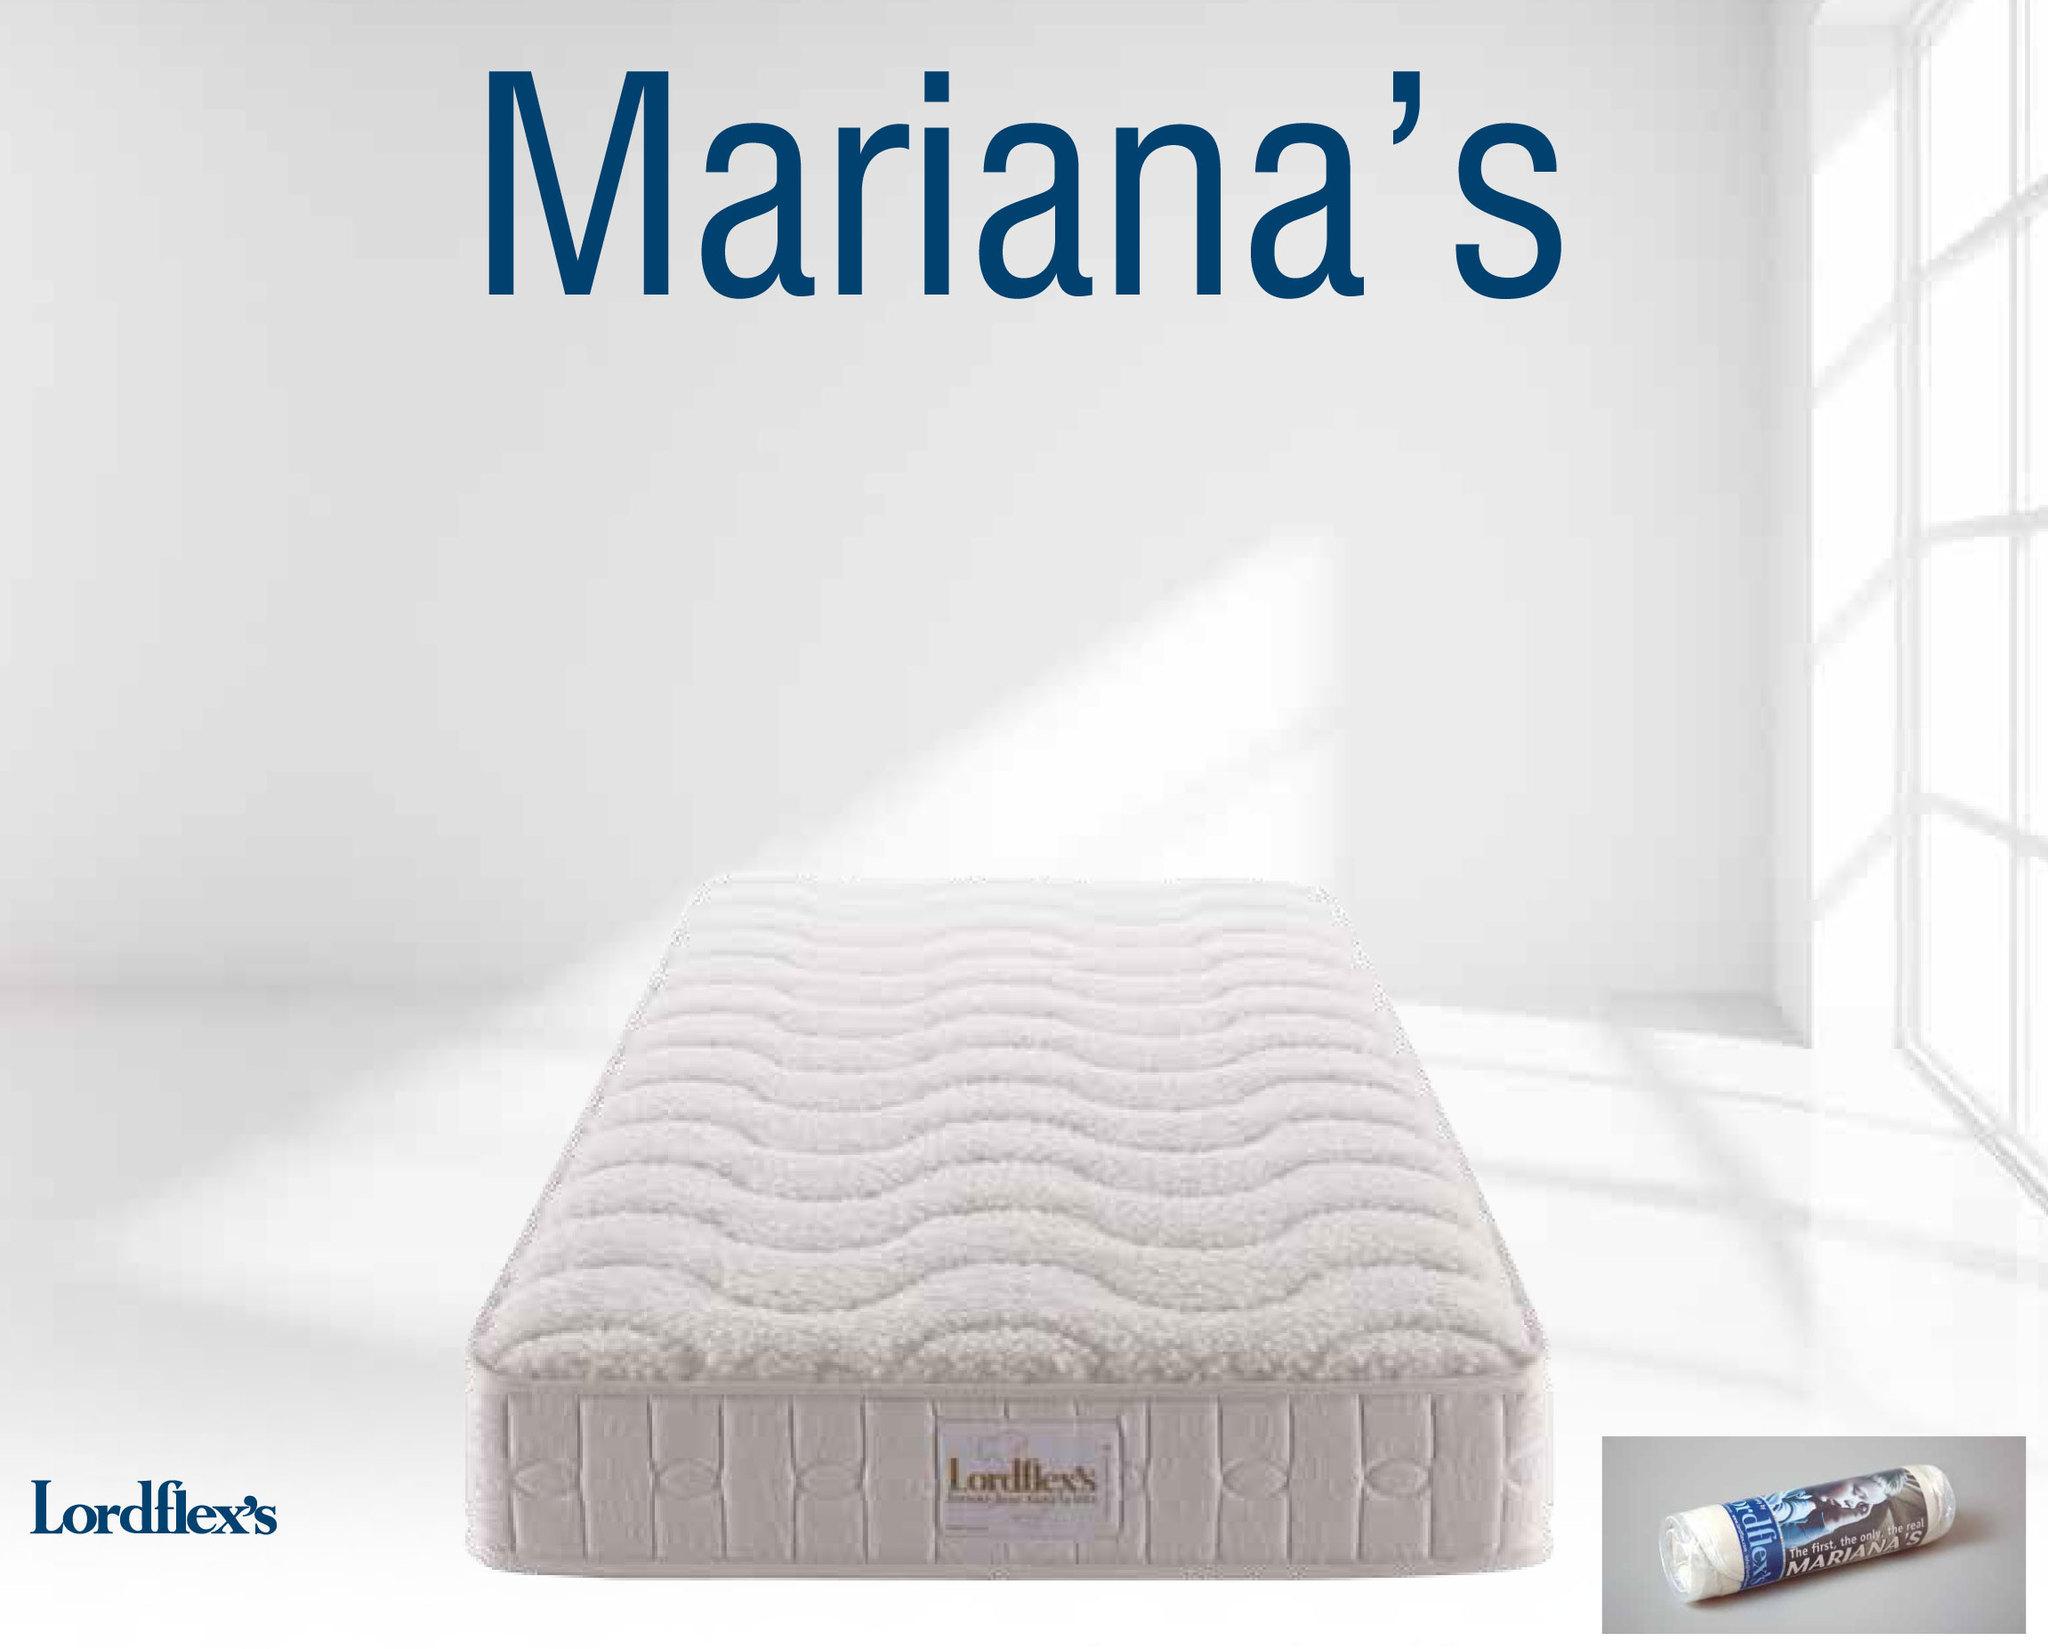 Матрасы Матрас ортопедический Lordflex's Mariana's 160х190 до 140 кг в вакуумной упаковке 1.jpg